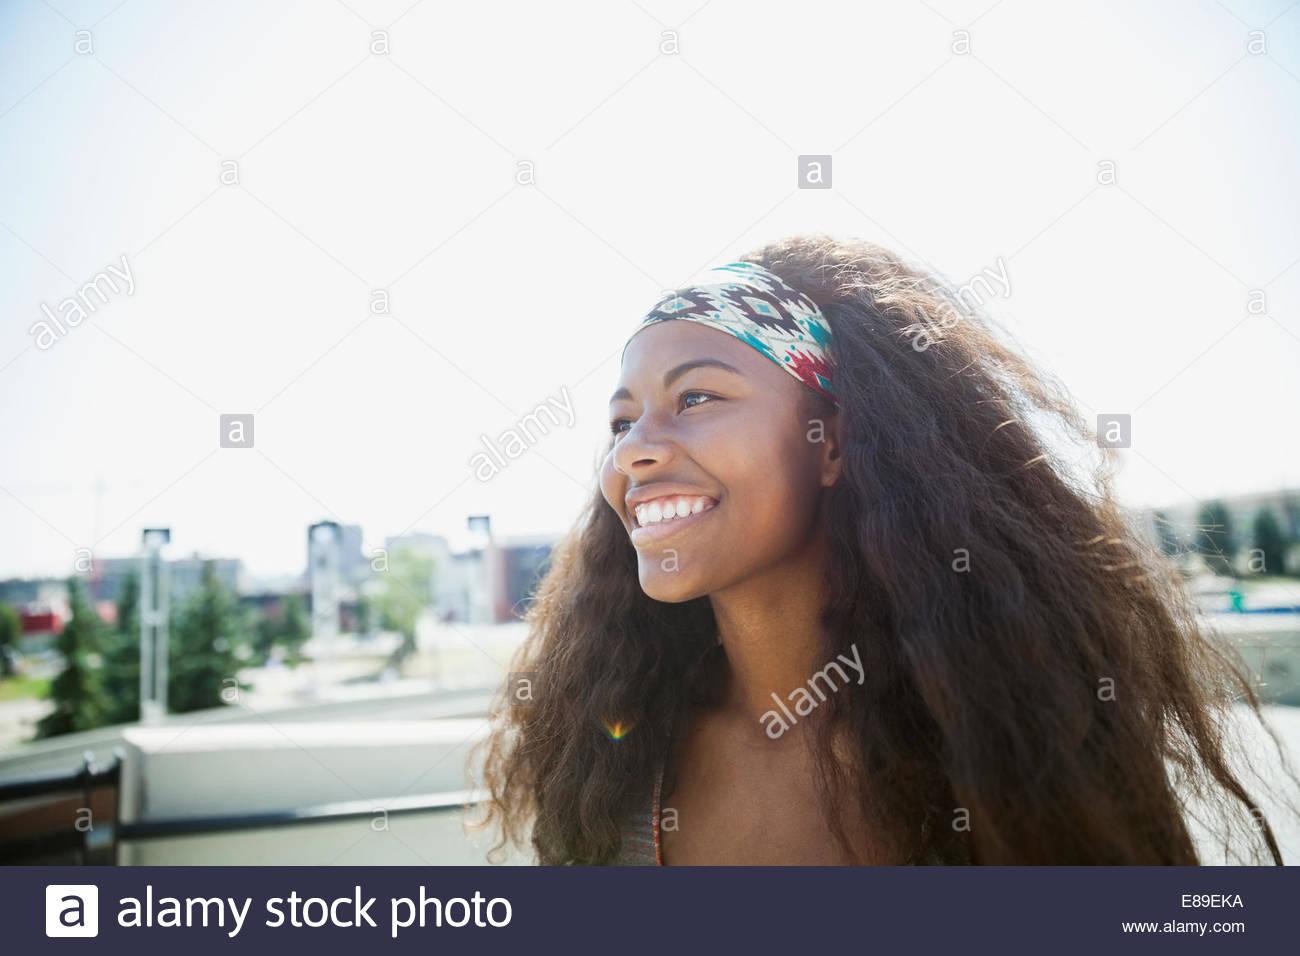 Adolescente sonriendo al aire libre Imagen De Stock